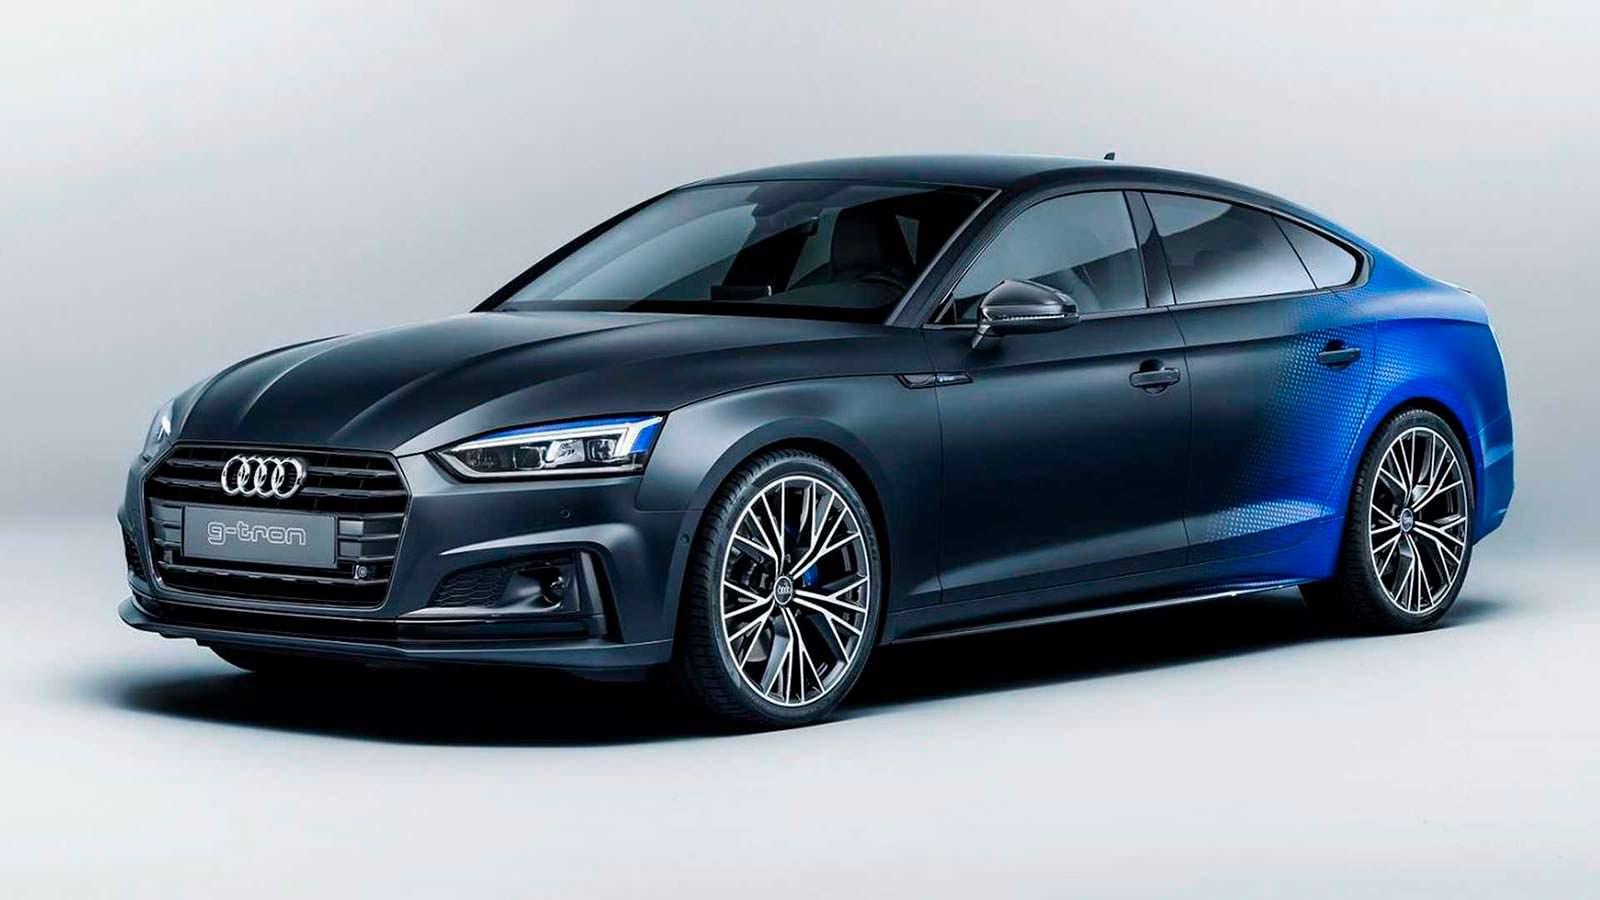 Компания Audi презентует вАвстрии концепт модели A5 Sportback G-Tron